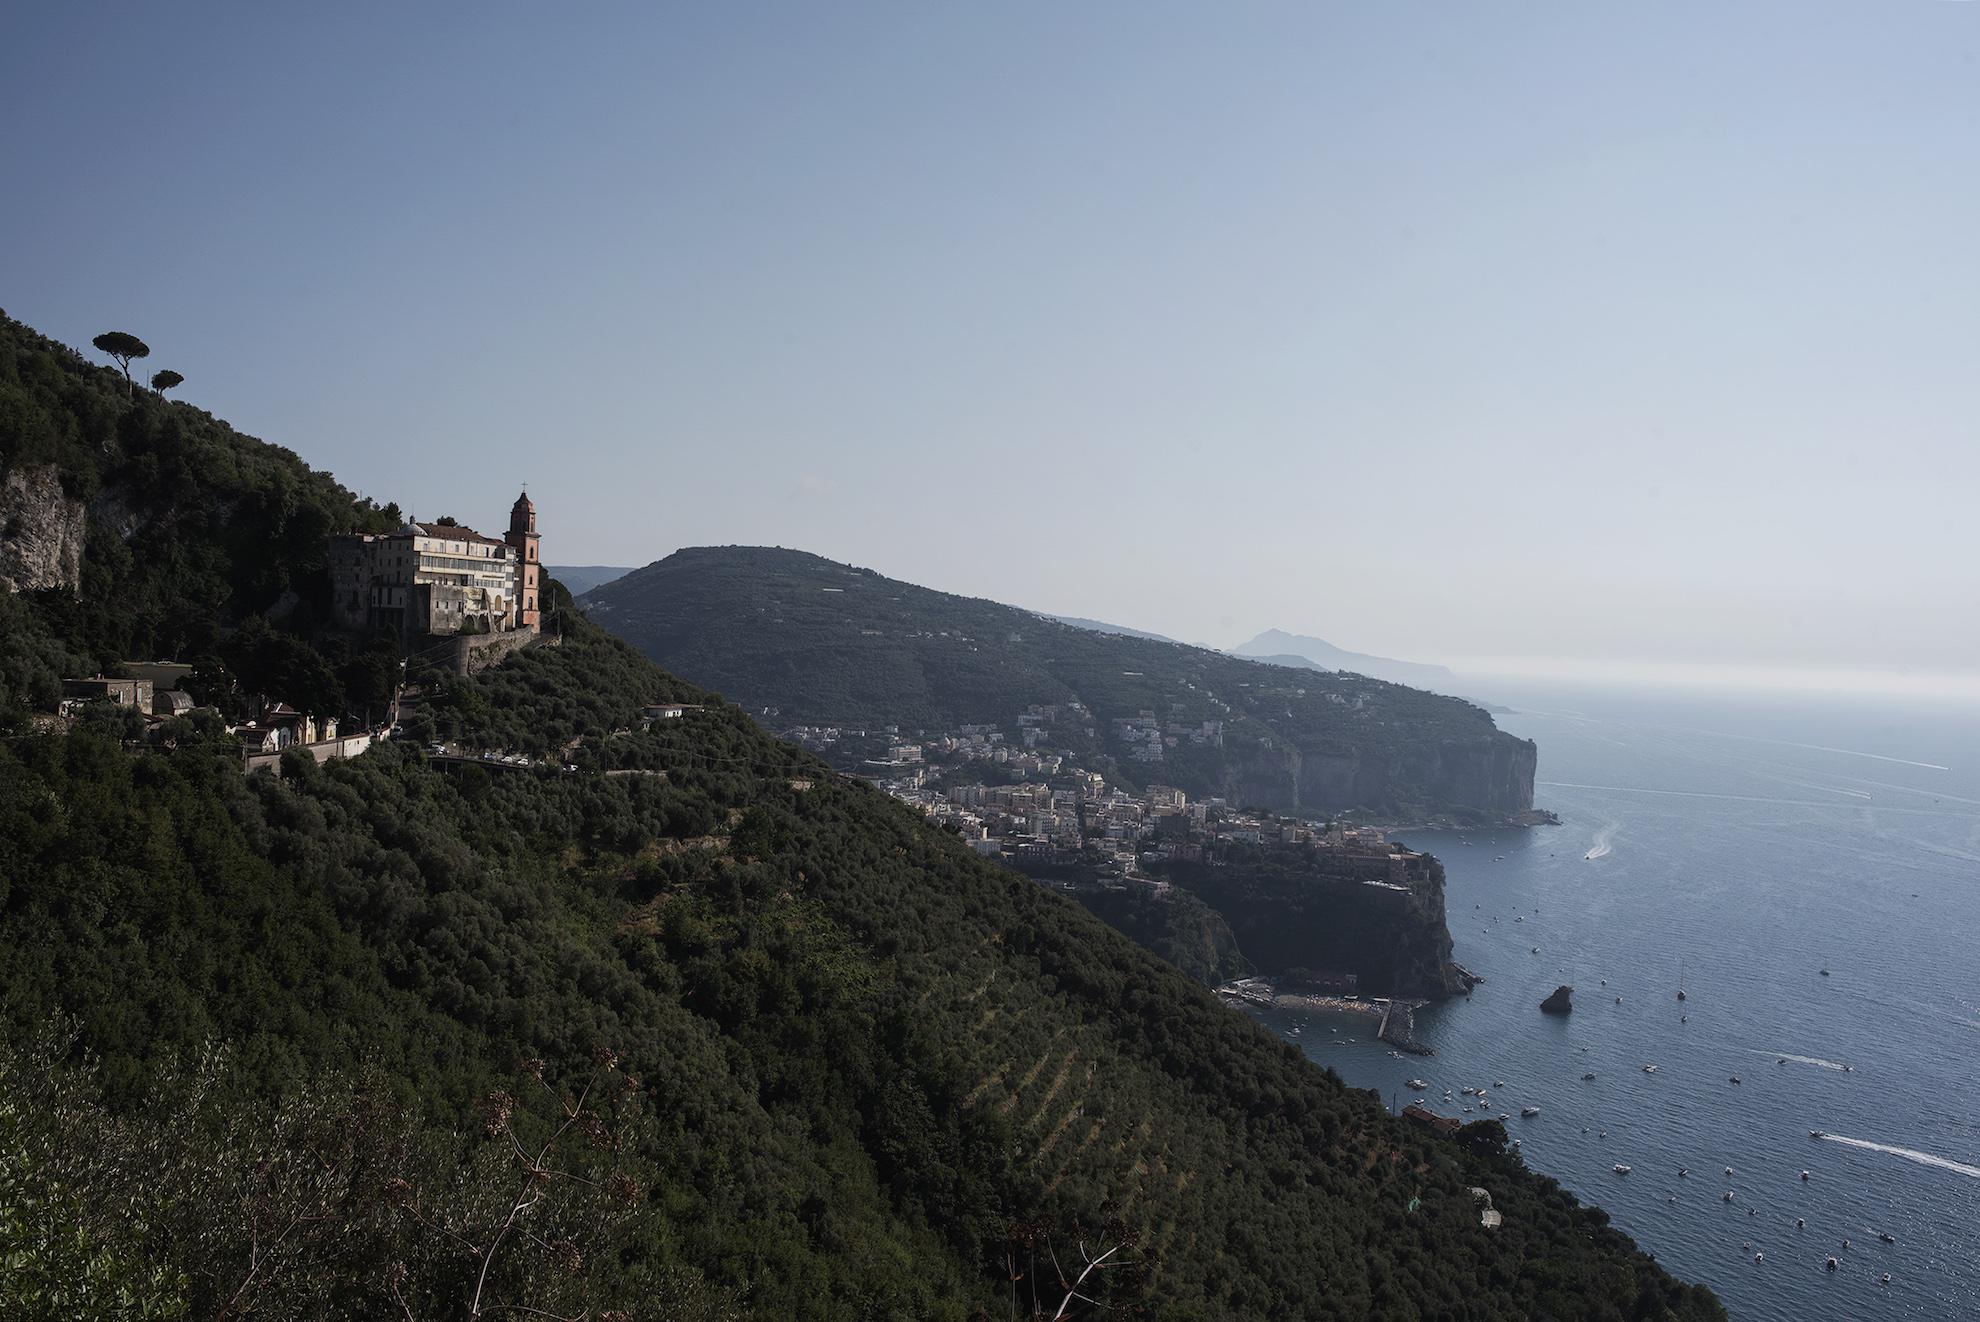 Da sinistra: la Chiesa di Santa Maria a Chieia, Vico Equense e Capri | Ph. Anna Monaco - Trentaremi